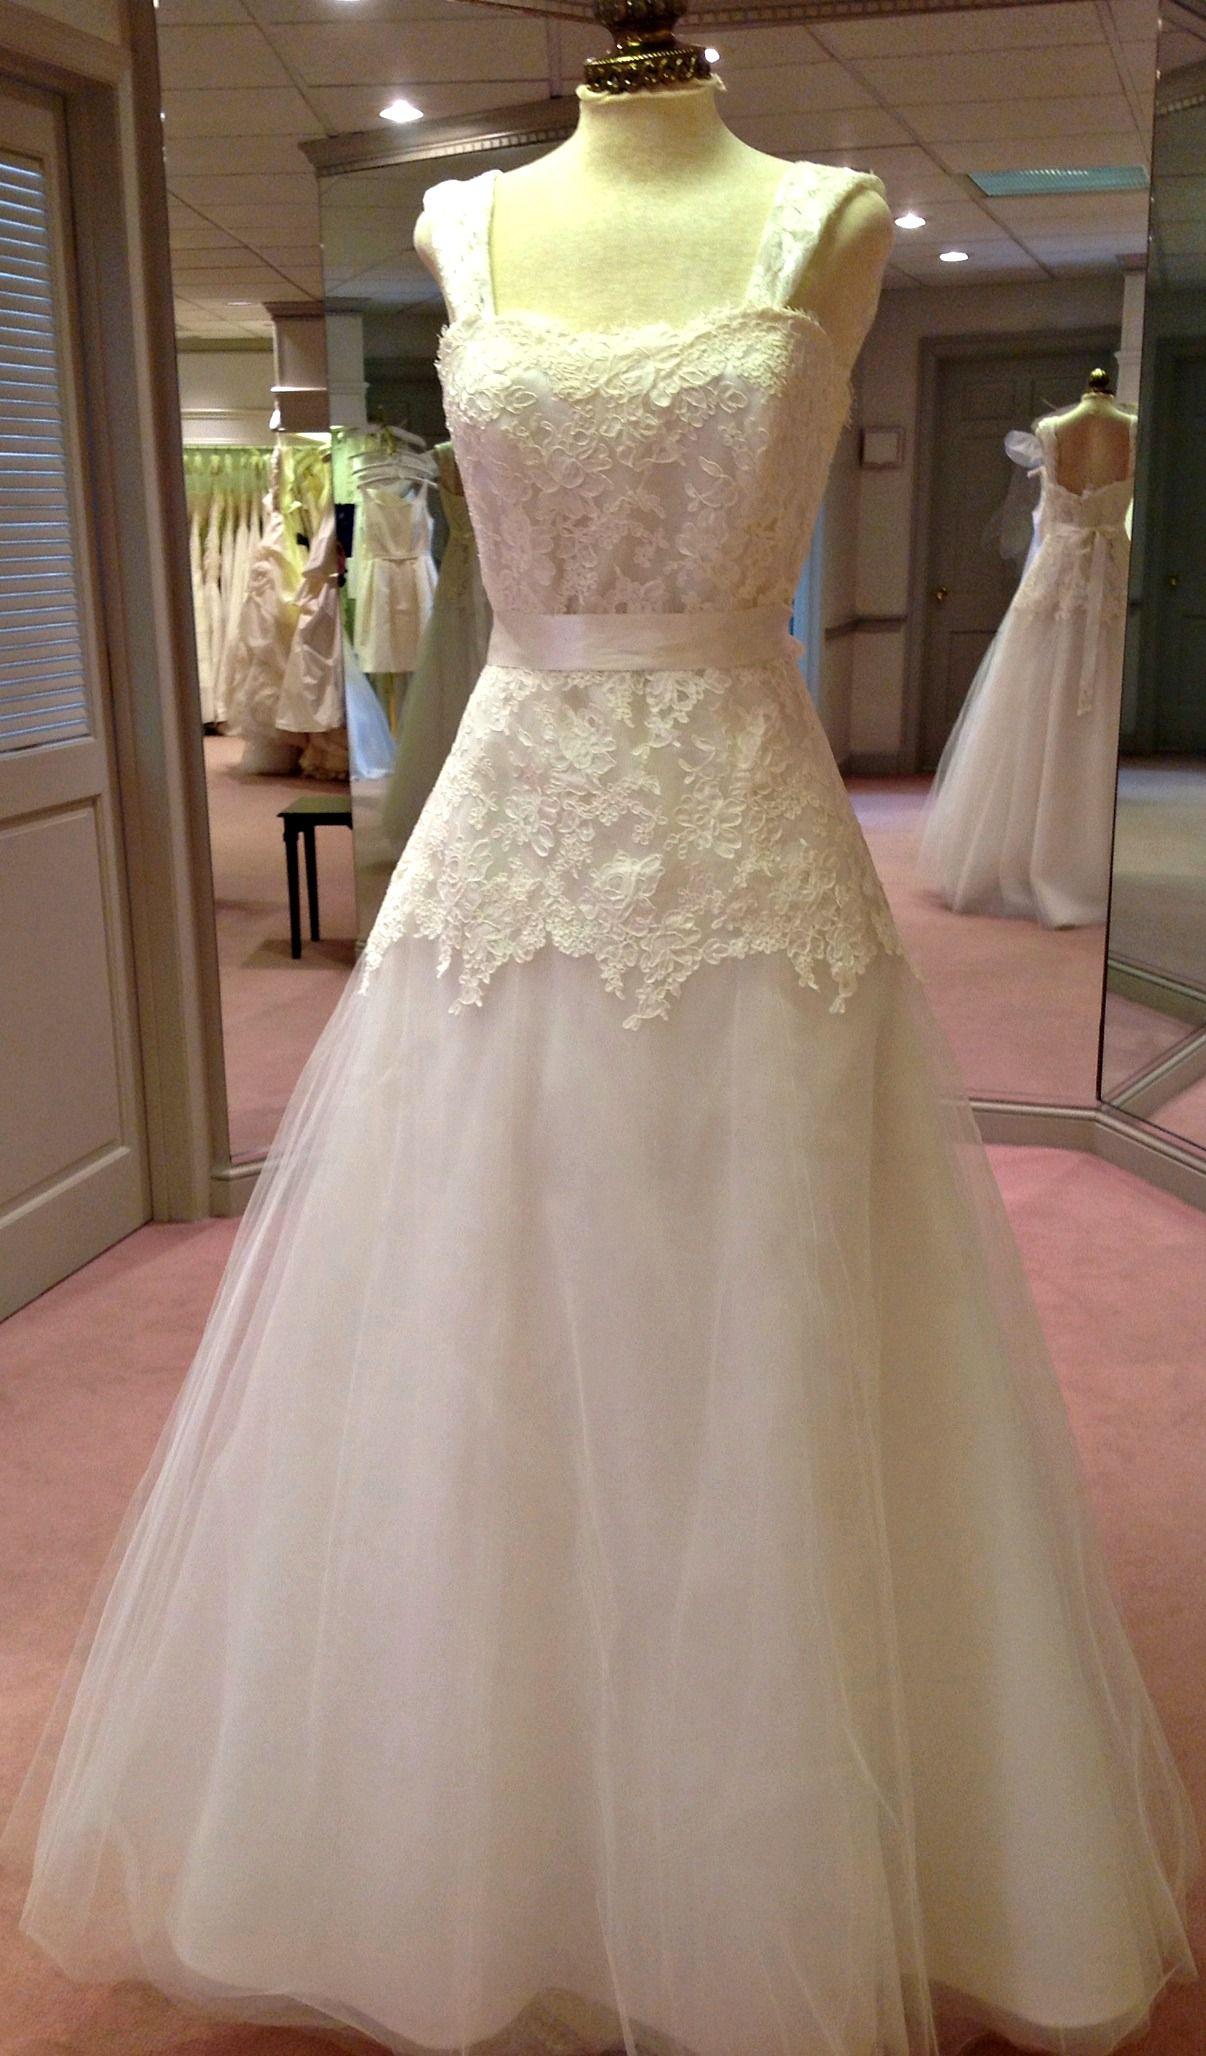 Debutante ball season gowns debutante gown nitsas nitsaus